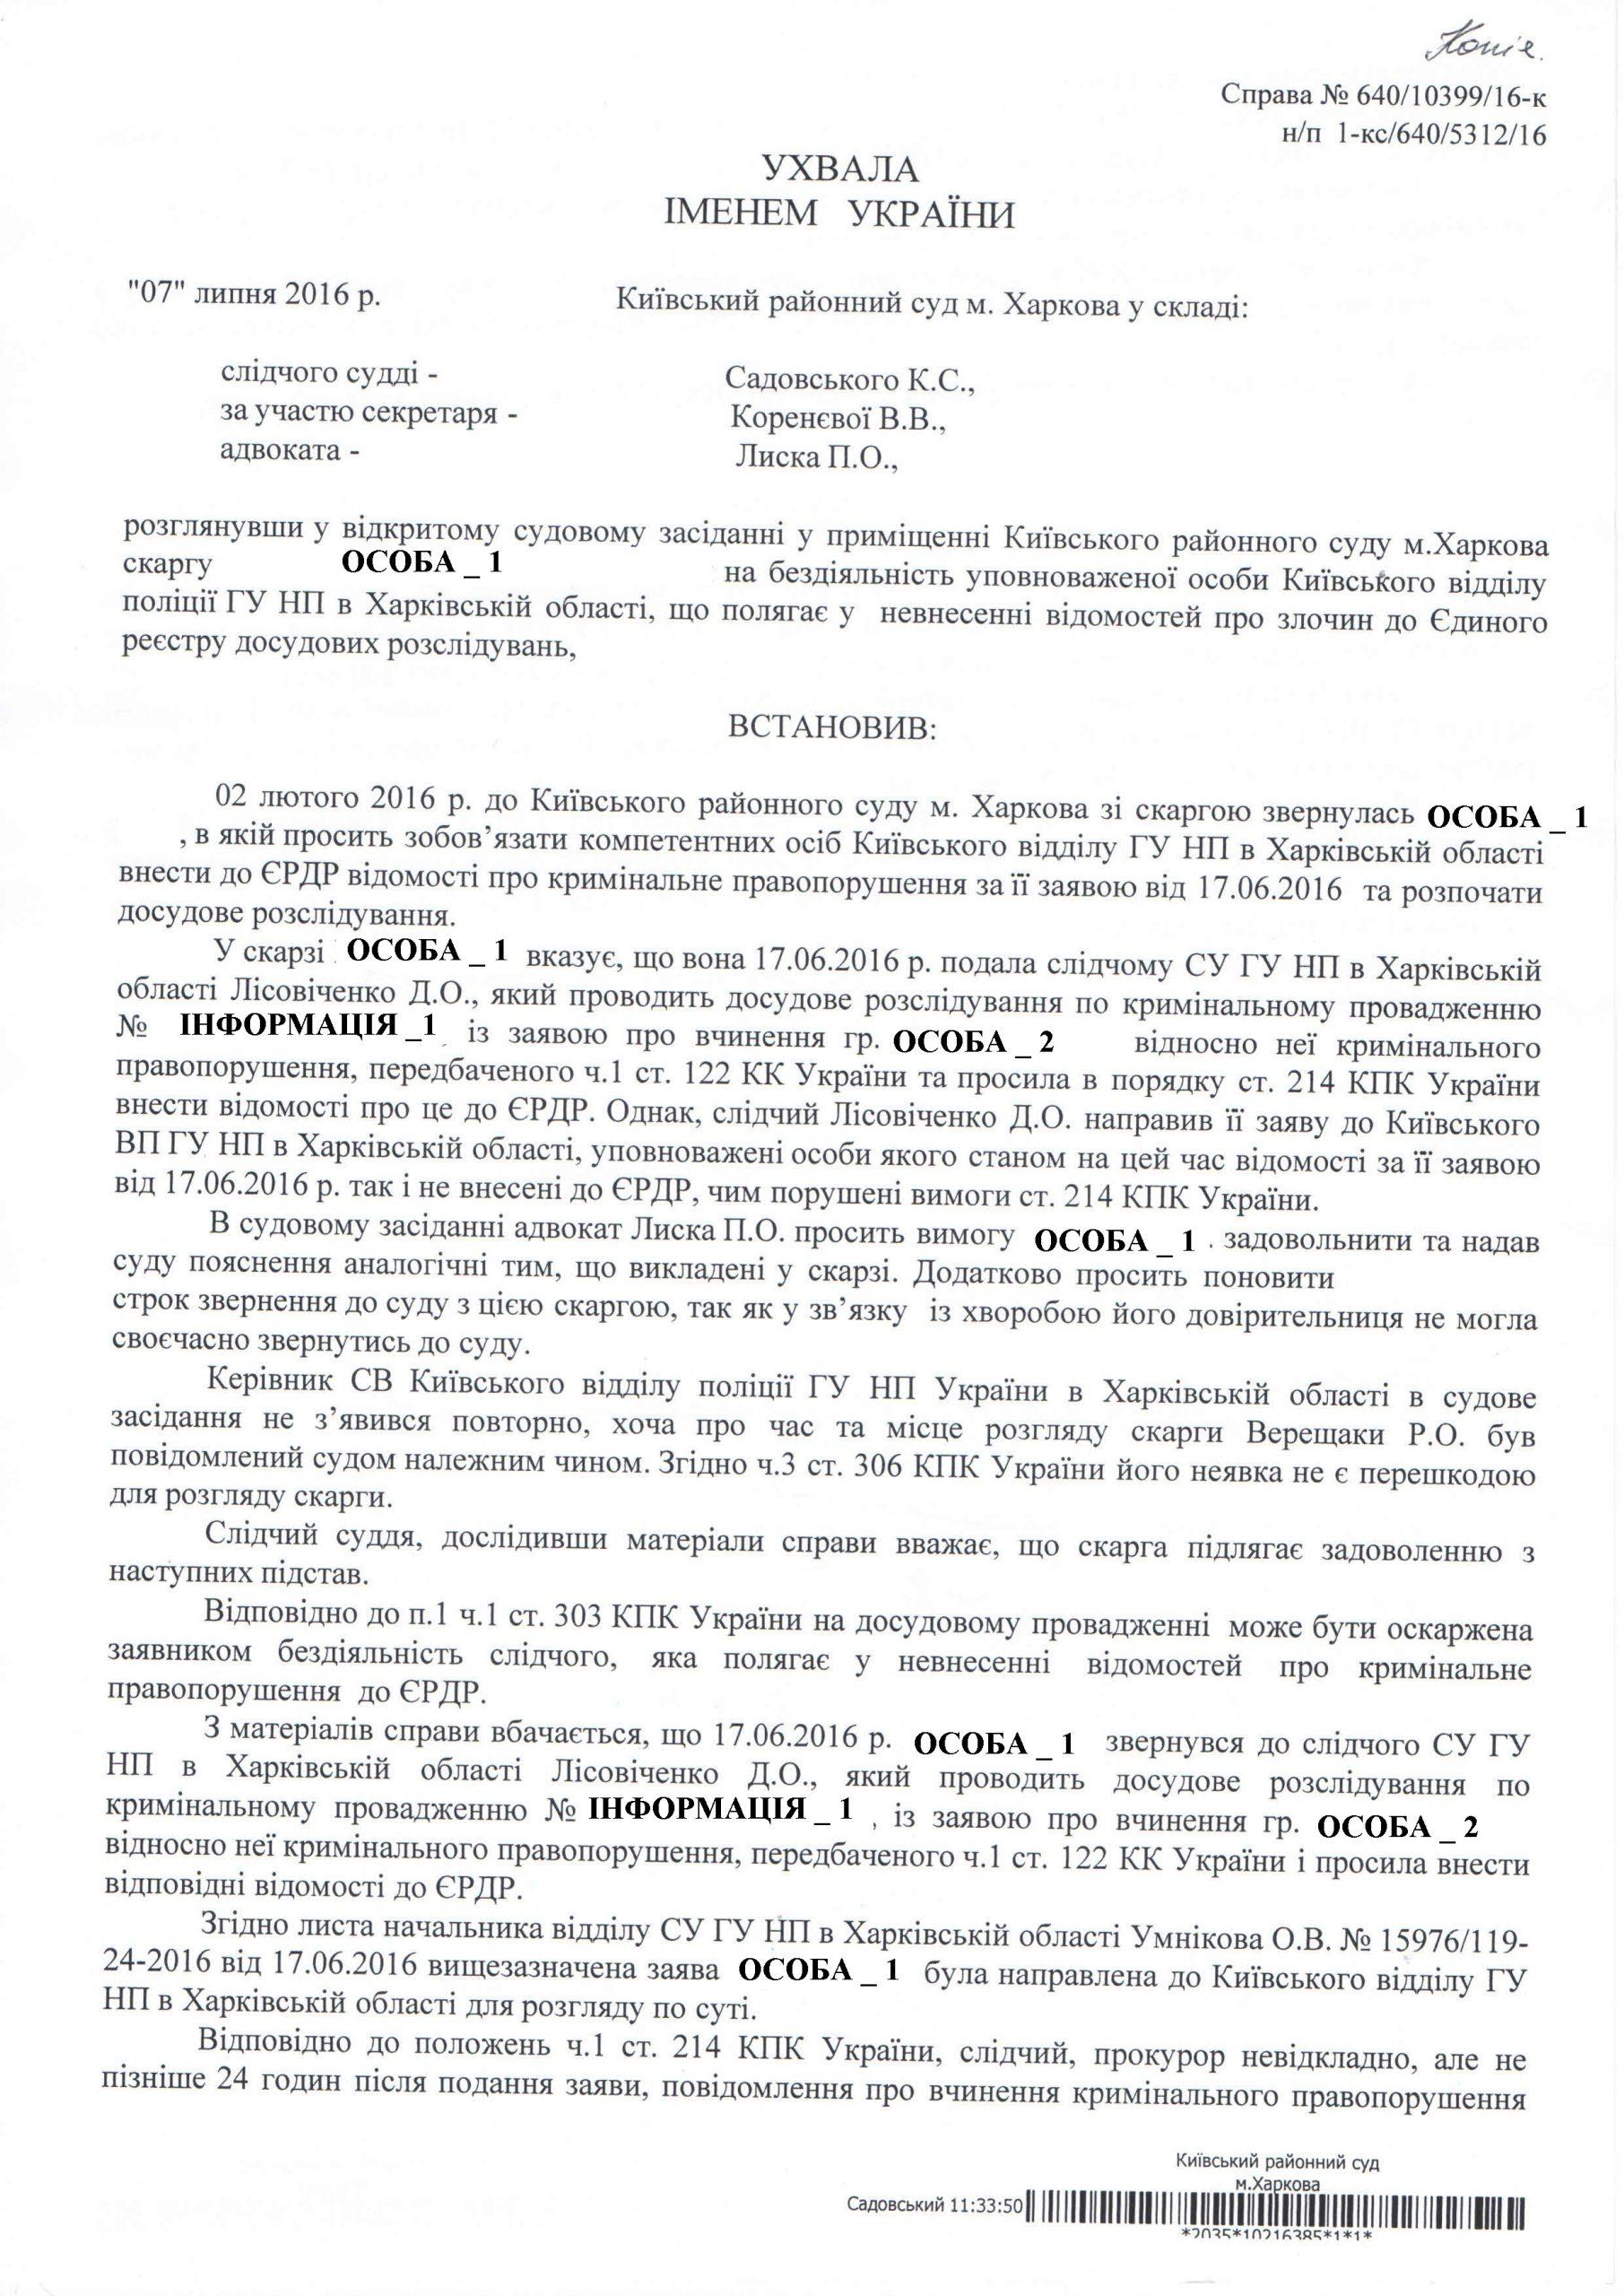 Удовлетворена Жалоба касательно невнесения ведомостей о совершении преступления в ЕГРСР